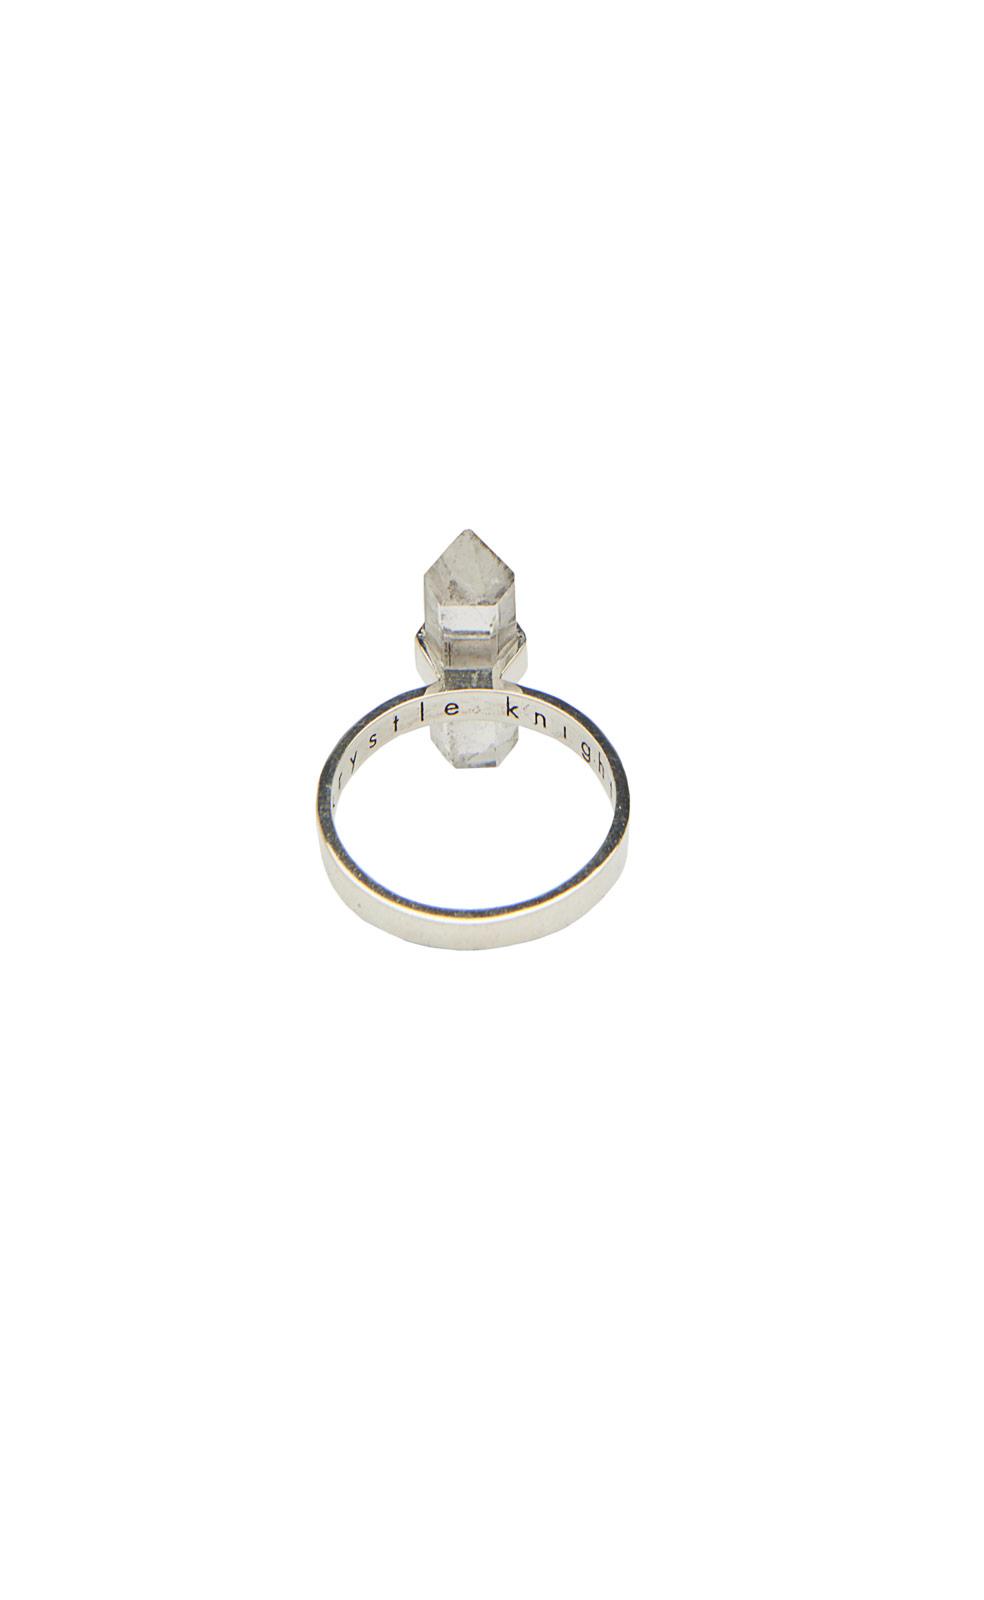 Rebecca Taylor Krystal Knight Single Mini Thin Ring in Silver (Metallic)